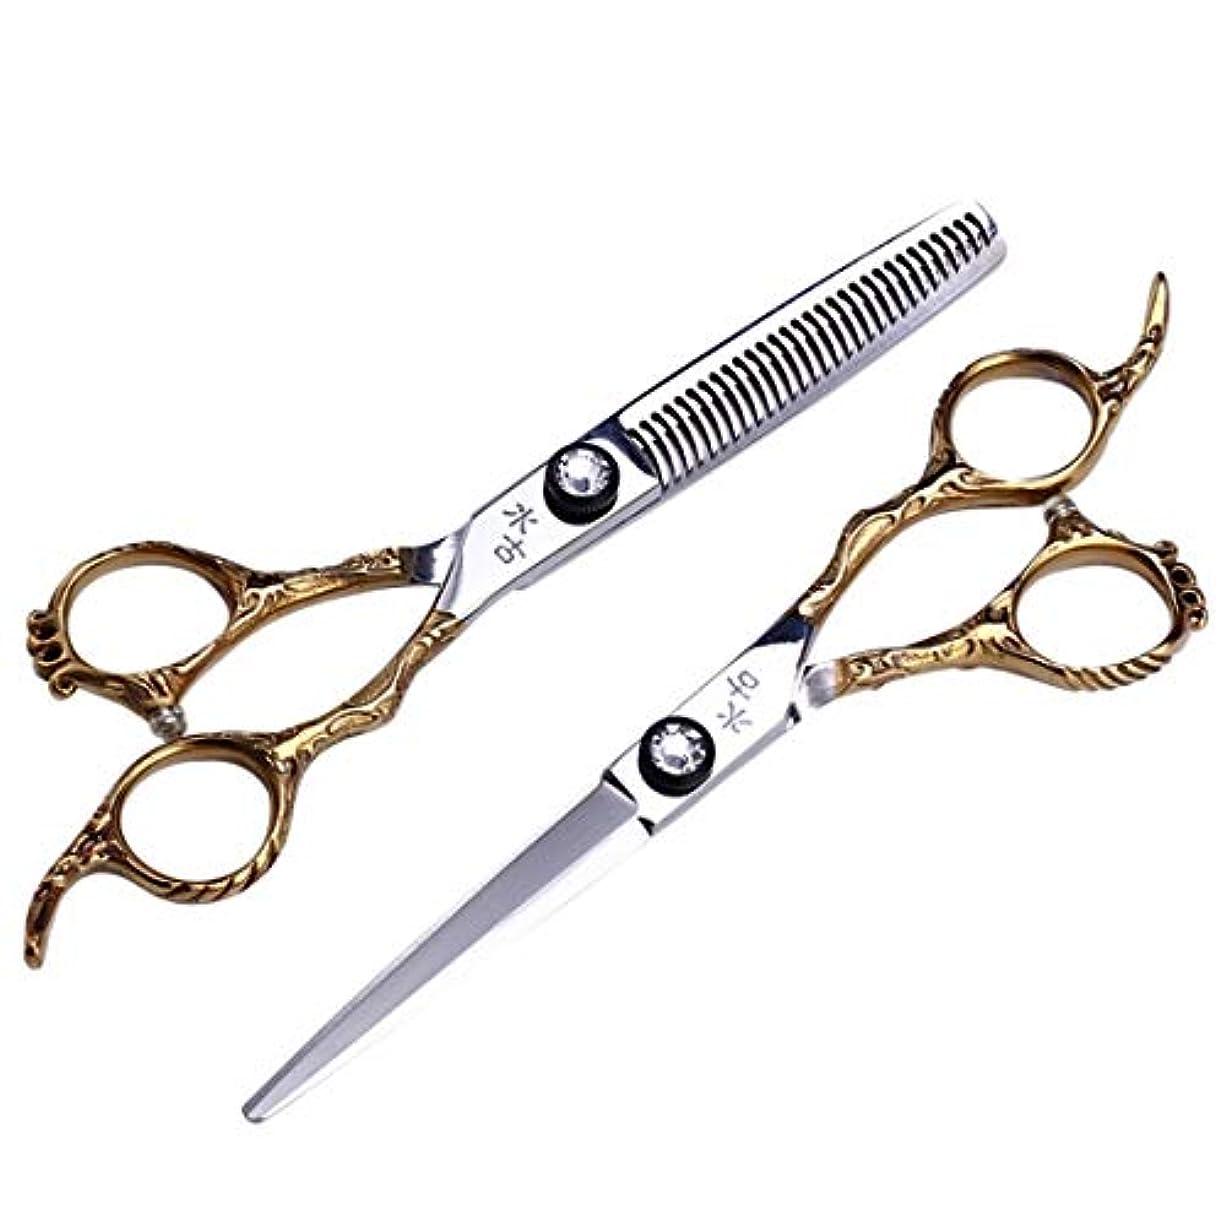 予感受取人後方Jiaoran 水古代理髪はさみ理髪はさみヘアスタイリスト特別なフラットはさみ歯はさみ間伐剪断散髪6インチ